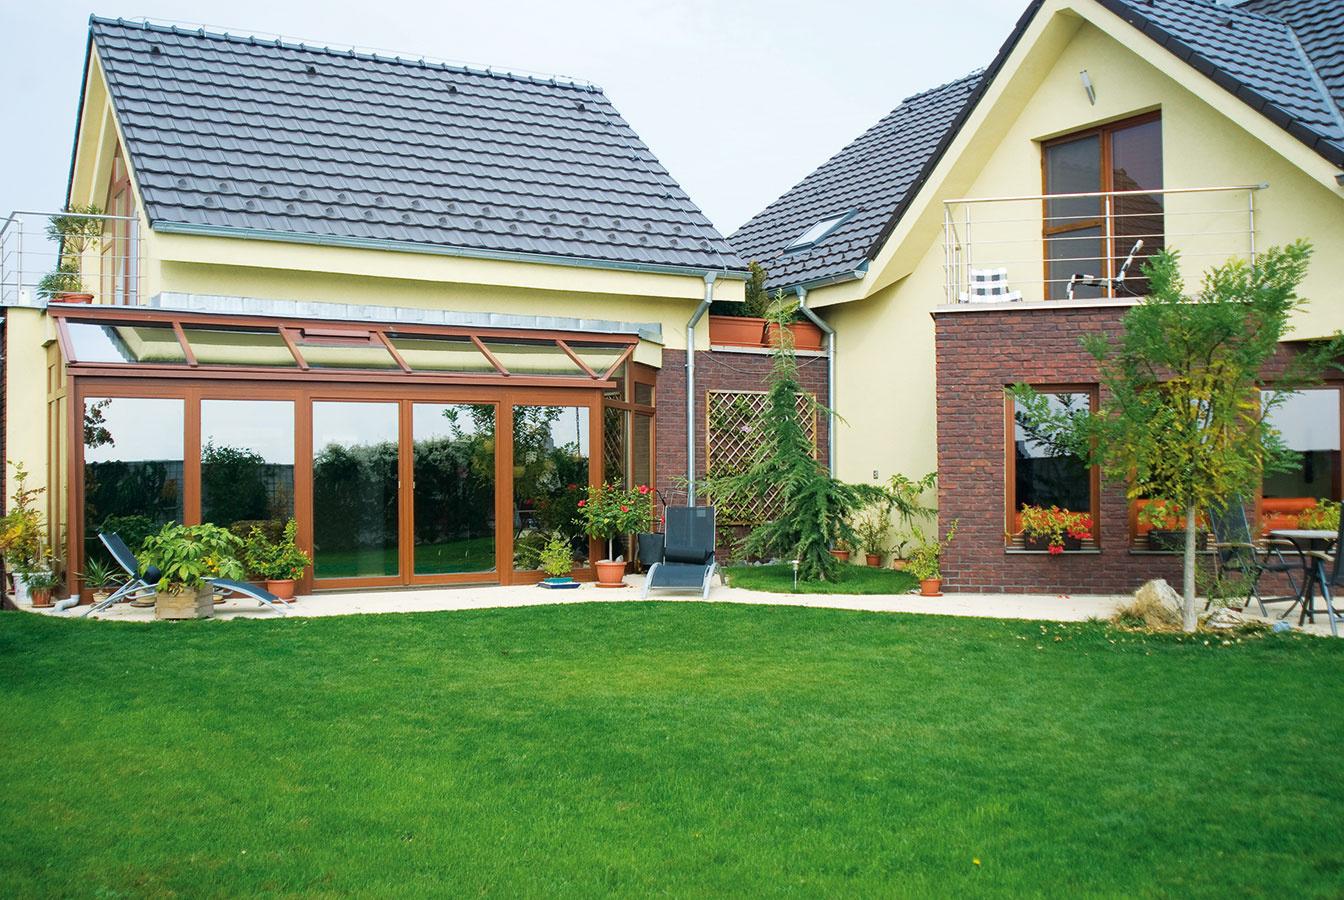 Nadväznosť zimnej záhrady na dom nie je dôležitá len zestetického hľadiska. Ovplyvňuje aj tepelné toky vtomto priestore. Je to jeden zdôvodov, prečo je ideálne odborne naplánovať zimnú záhradu ešte pred dokončením stavby.